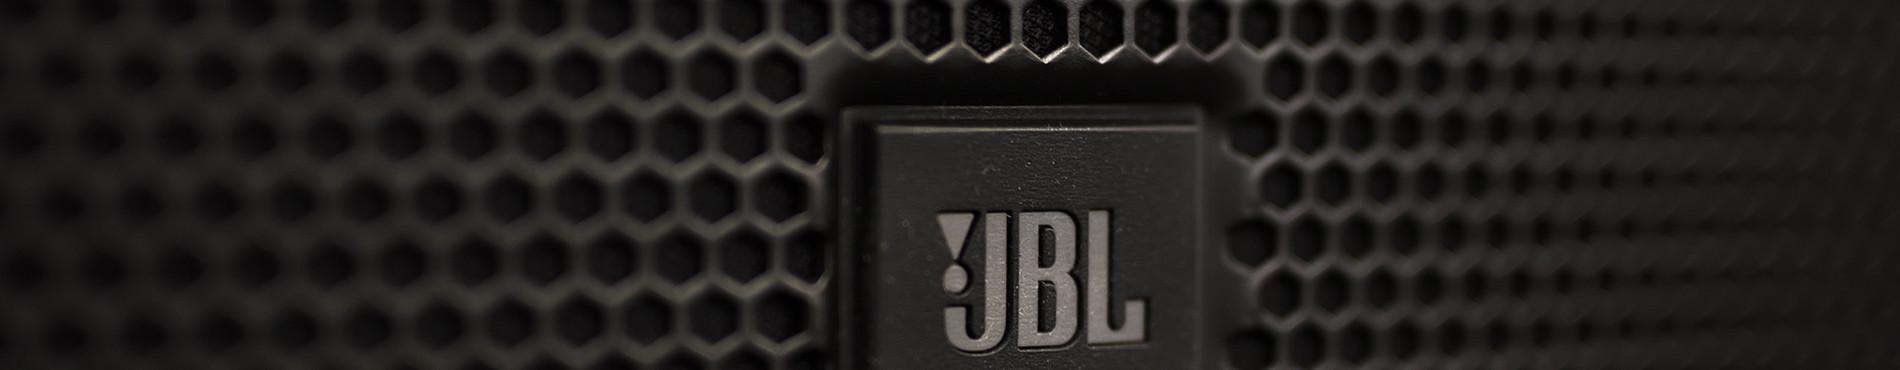 Enceintes de marque JBL